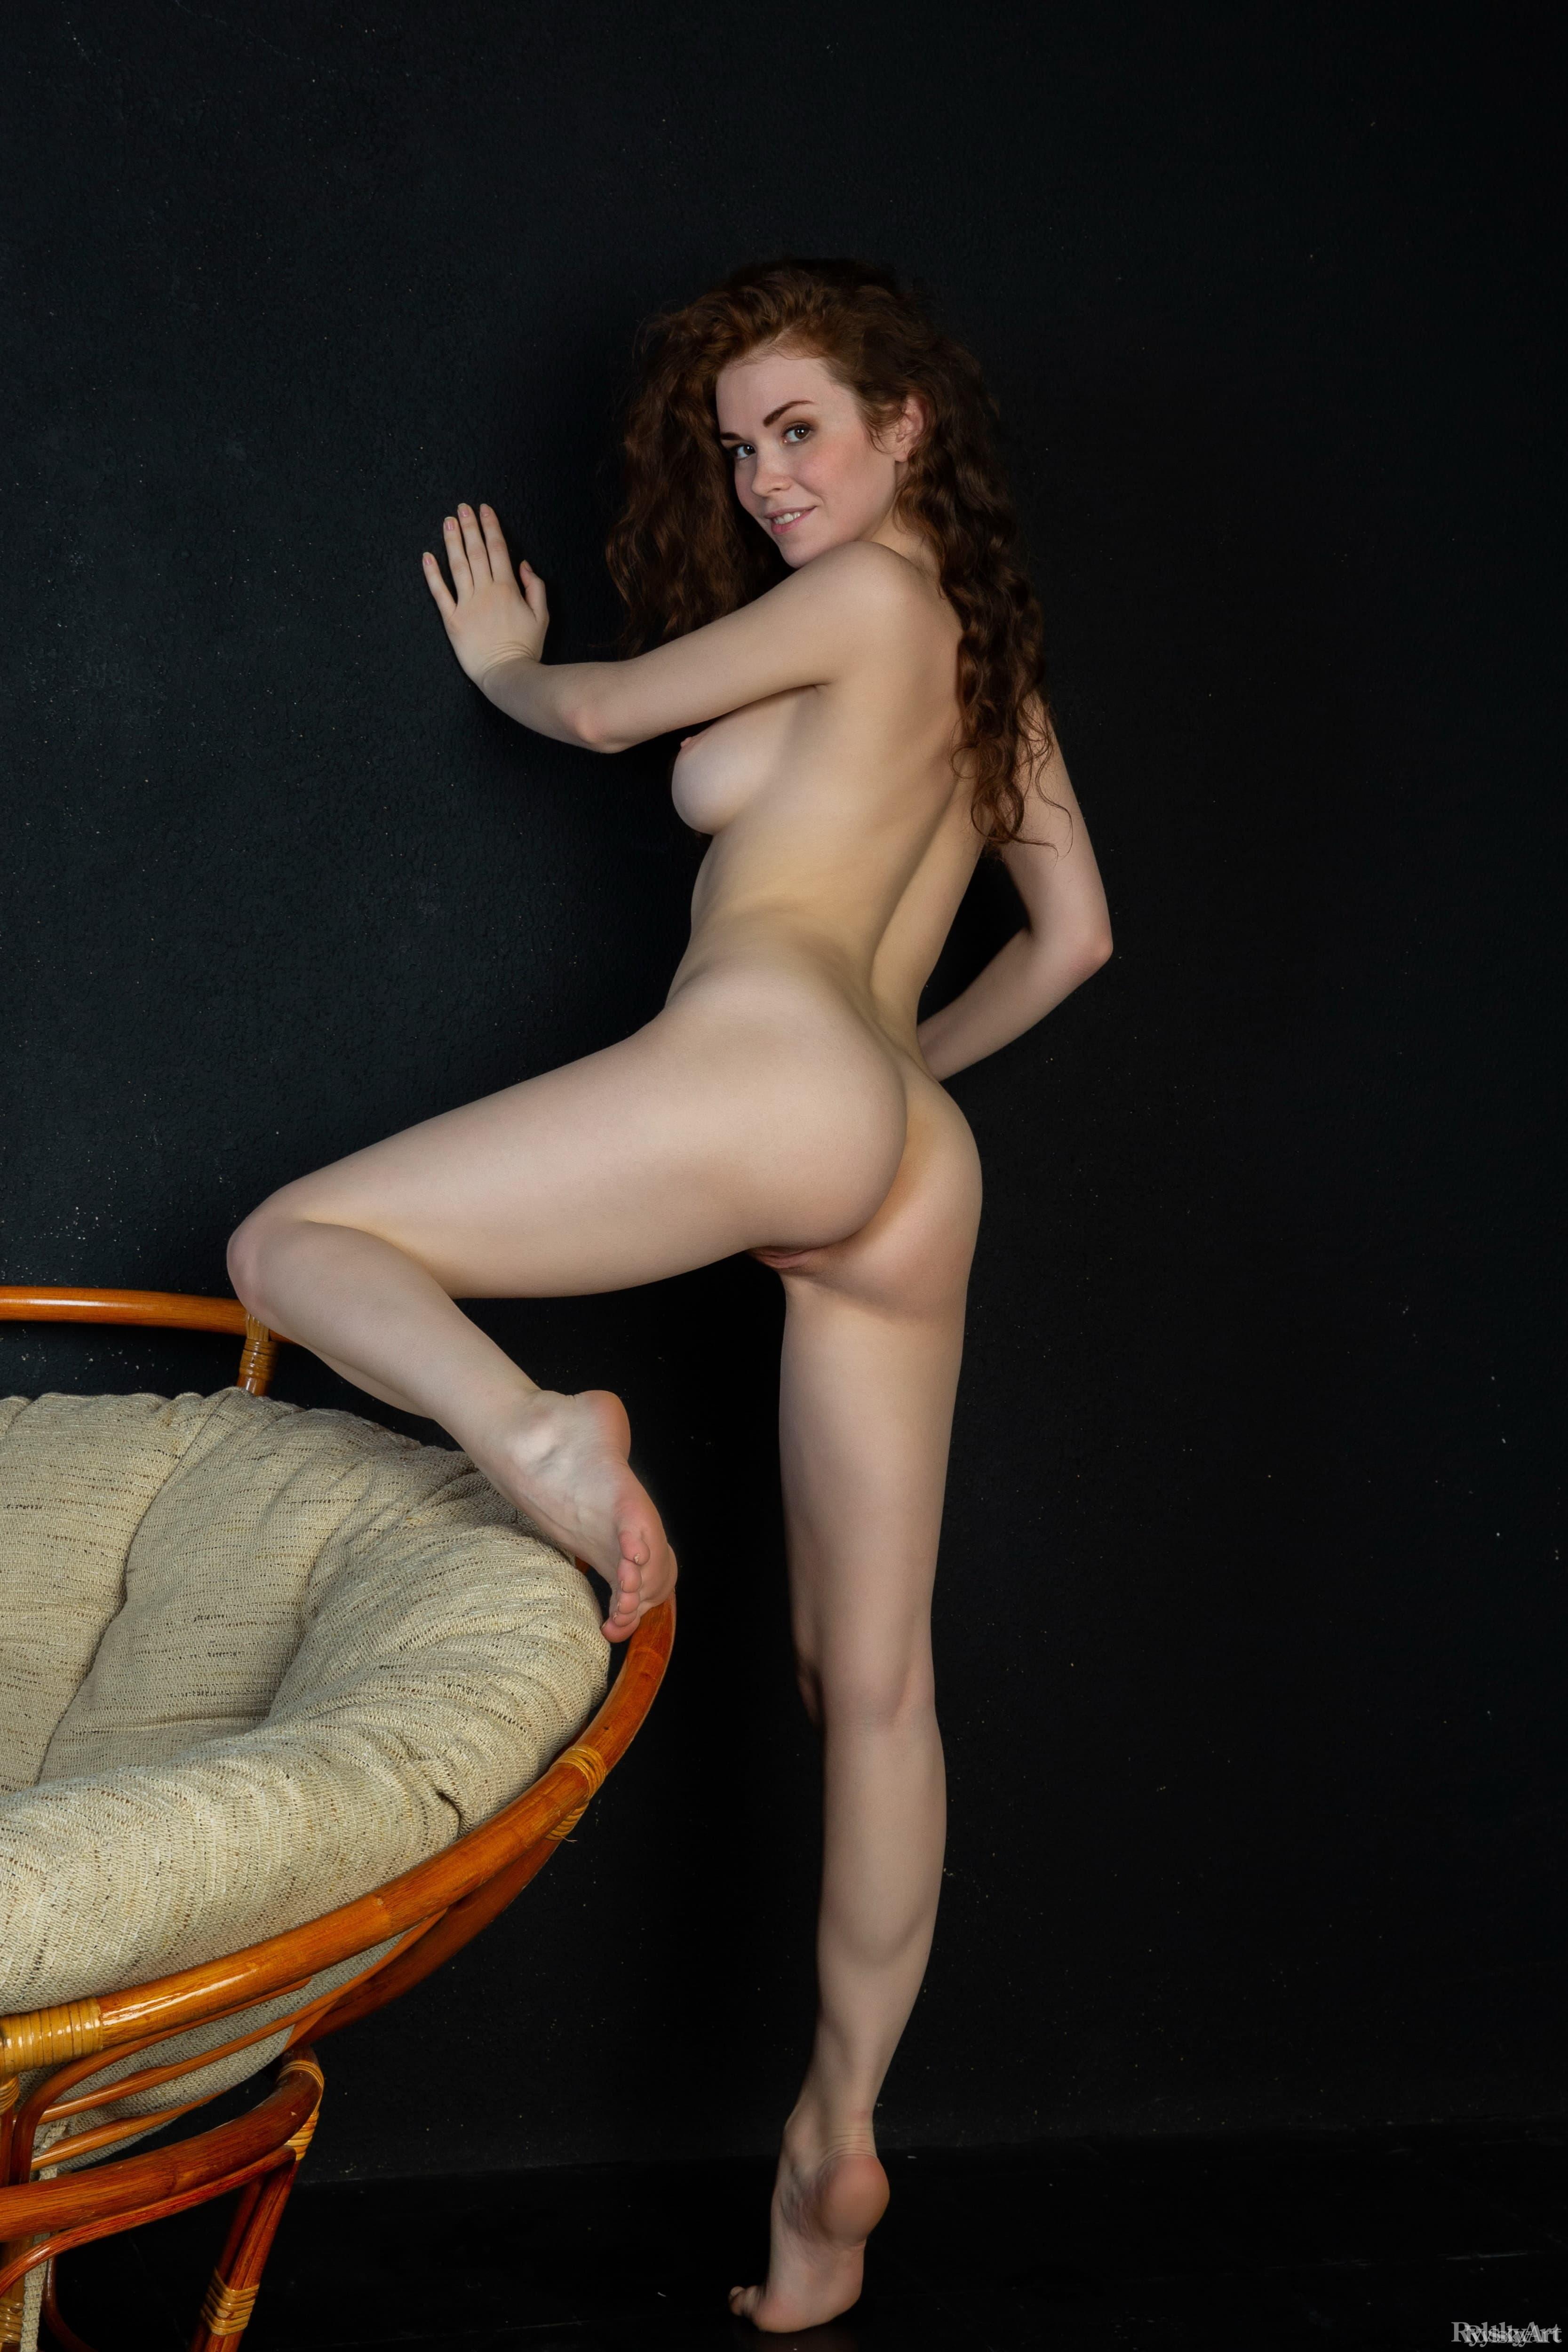 Раздетая девица с красивой попой улеглась на кресле - фото